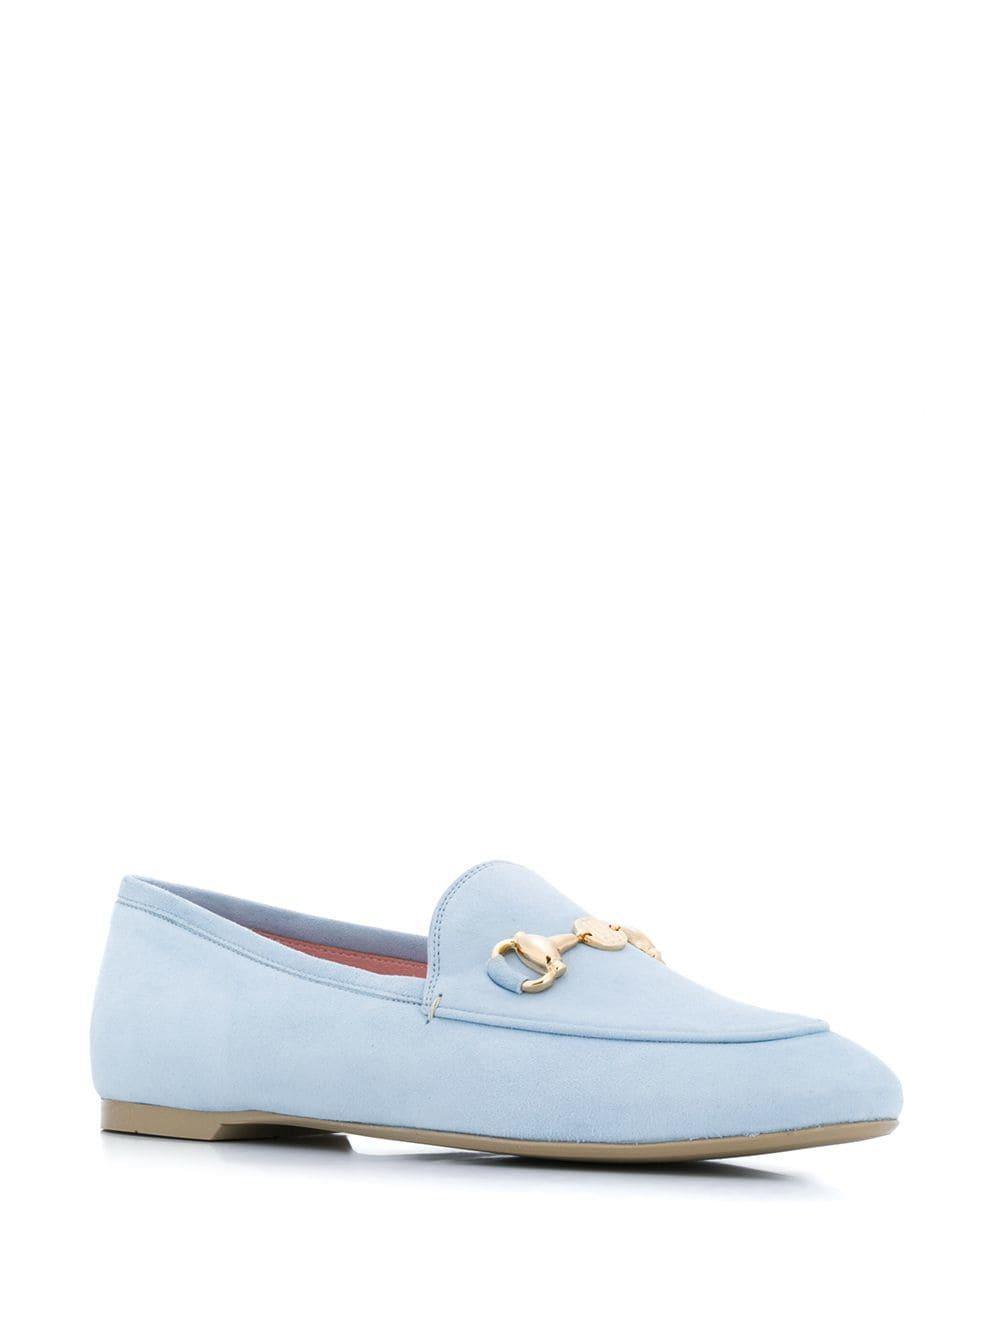 e6e7c4c6a14 Lyst - Pretty Ballerinas Horsebit Loafers in Blue